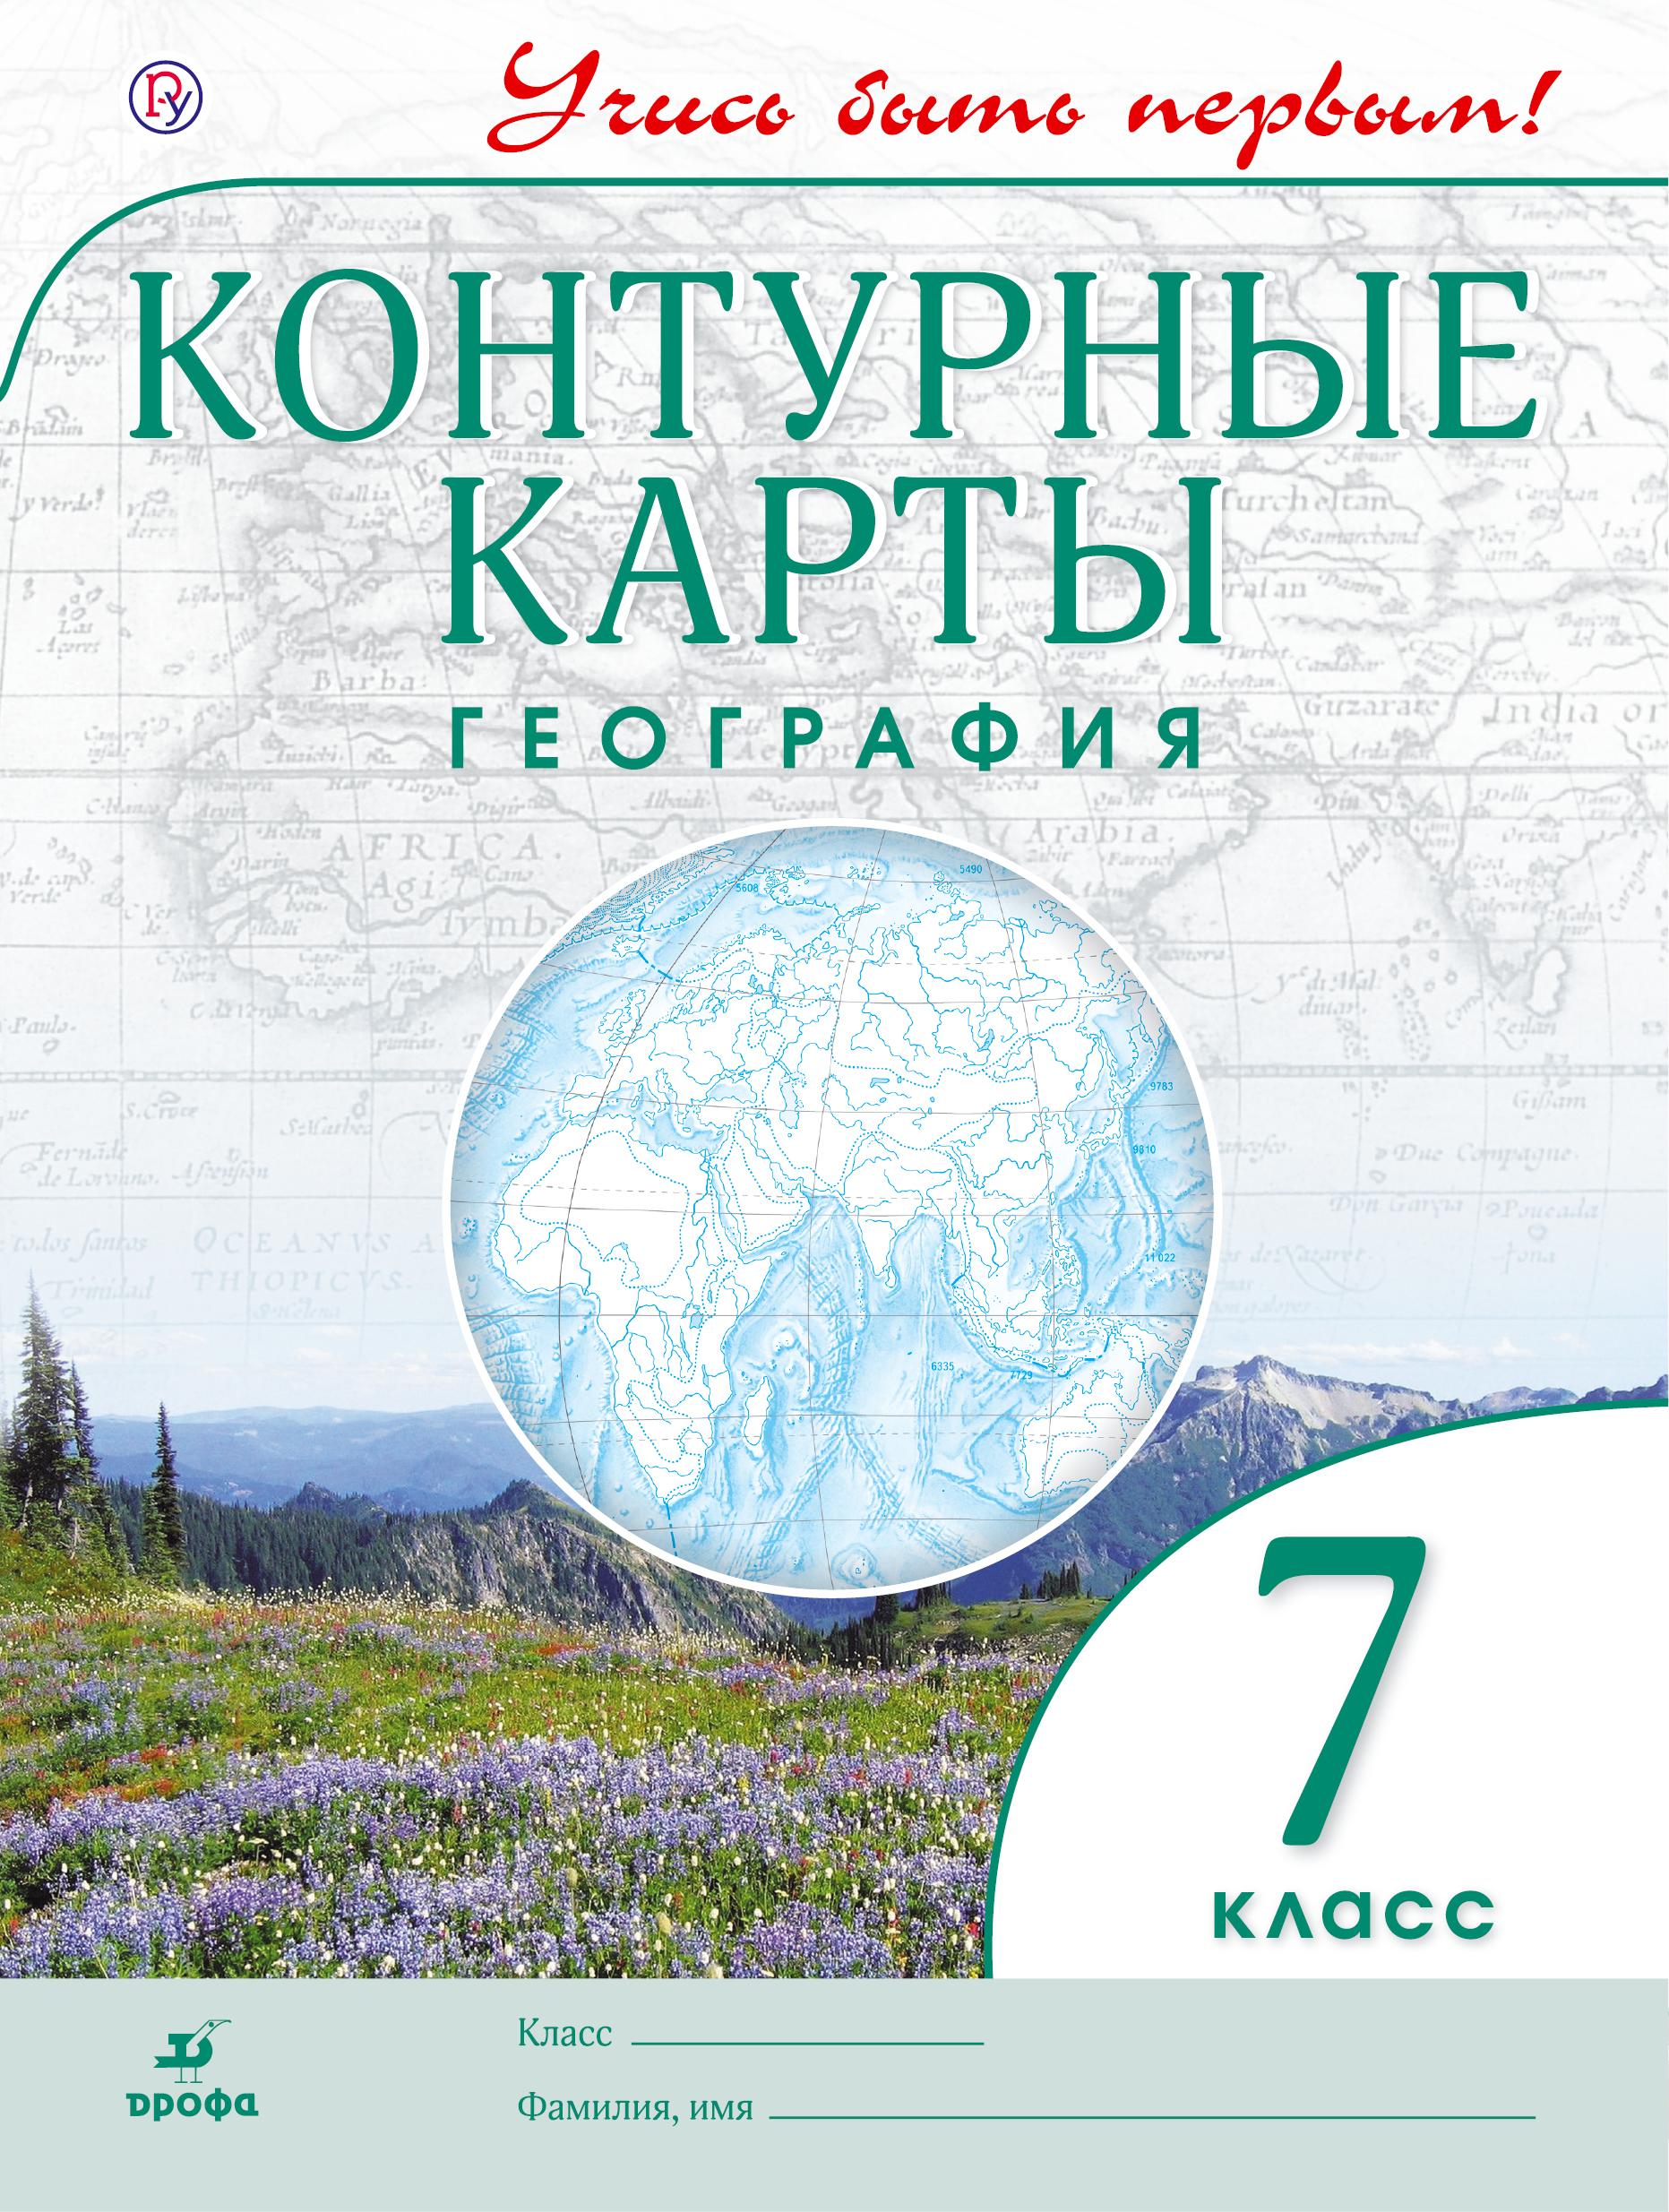 Ответы майл ру параграф 14 ответы на вопросы география 7 класс страны и континенты алексеев